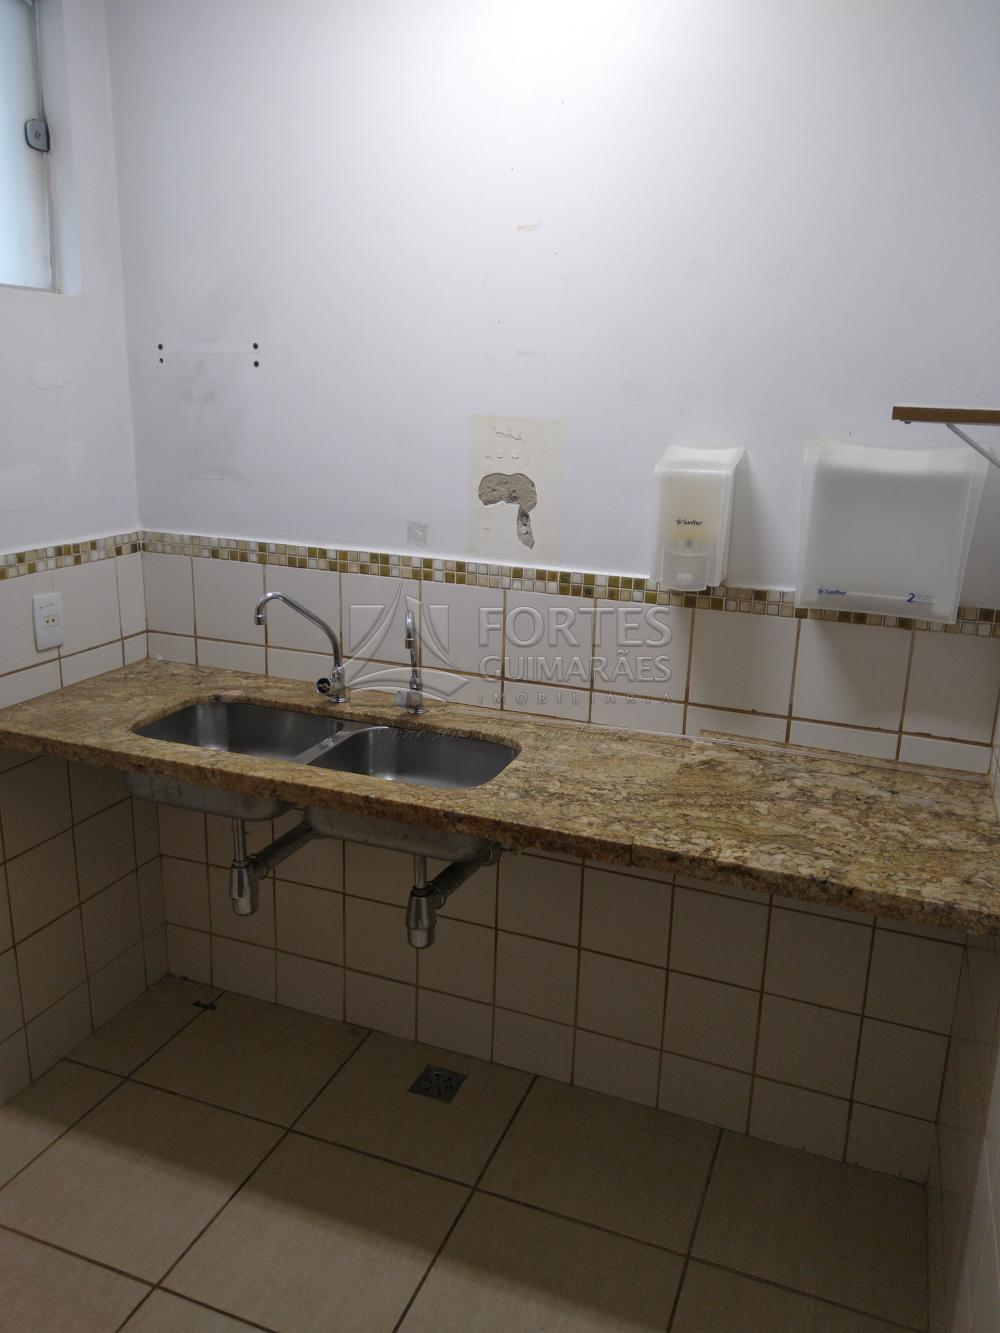 Alugar Comercial / Imóvel Comercial em Ribeirão Preto apenas R$ 12.000,00 - Foto 70